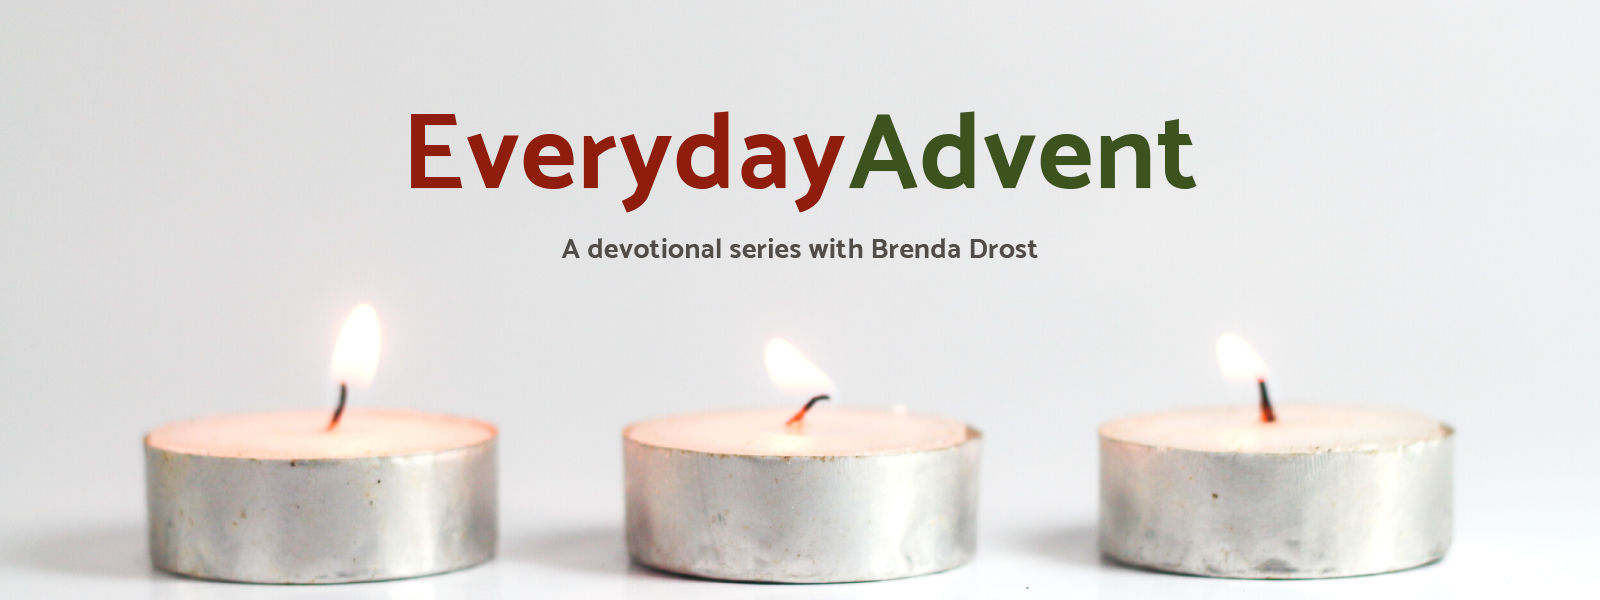 Everyday Advent